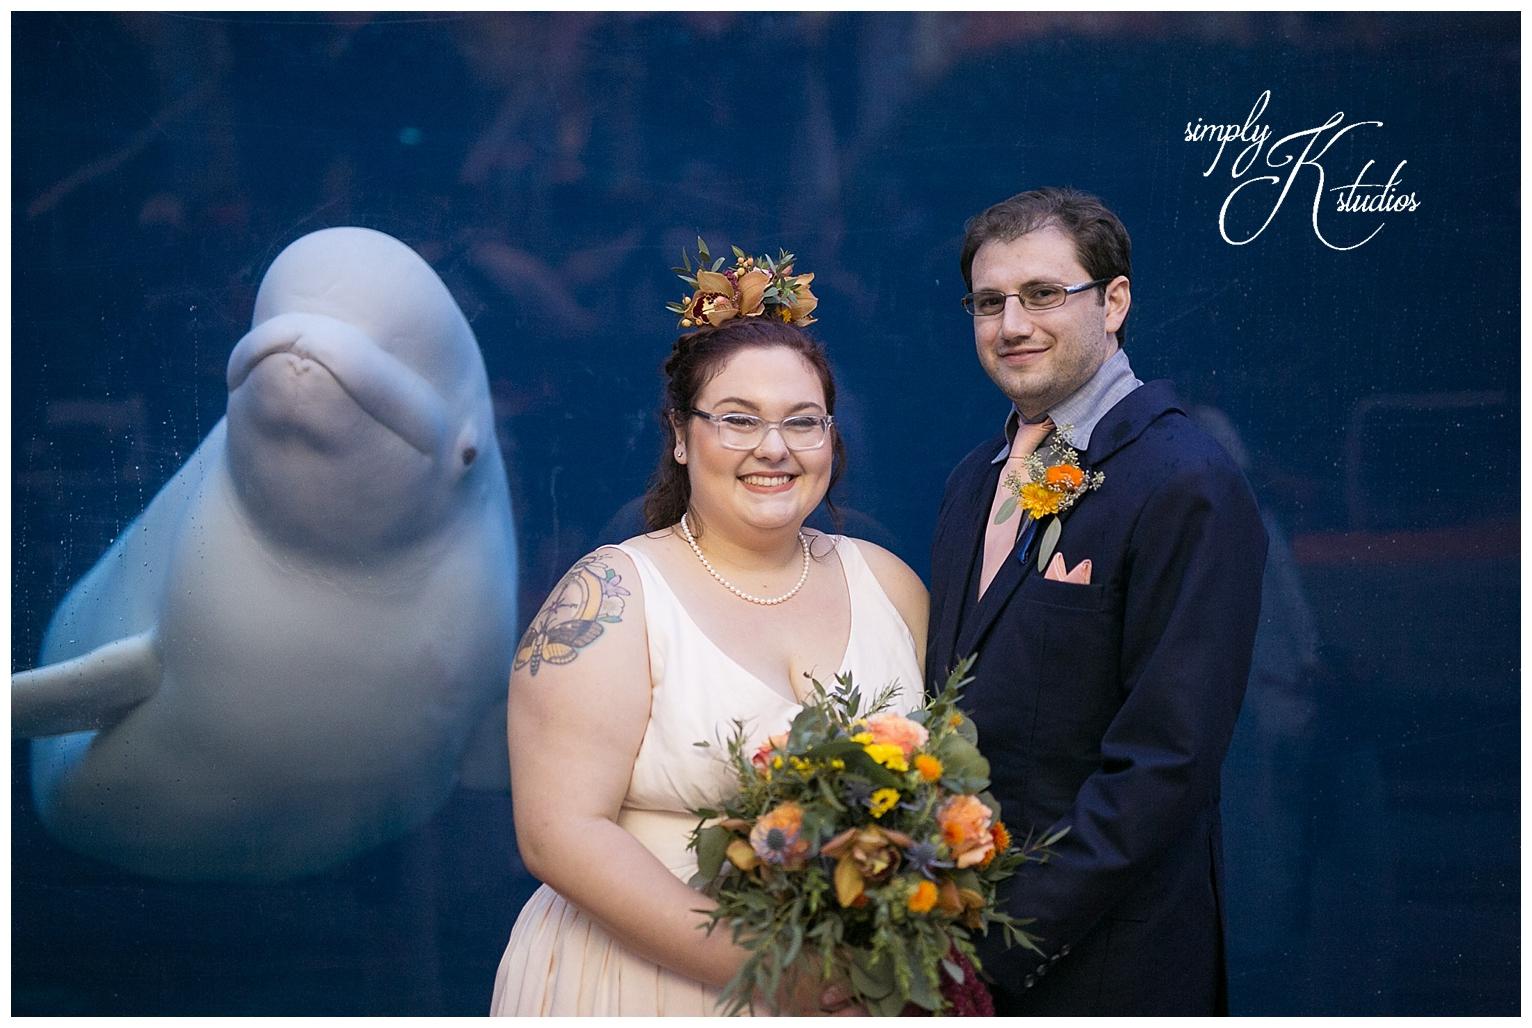 Wedding Photos at Mystic Aquarium.jpg